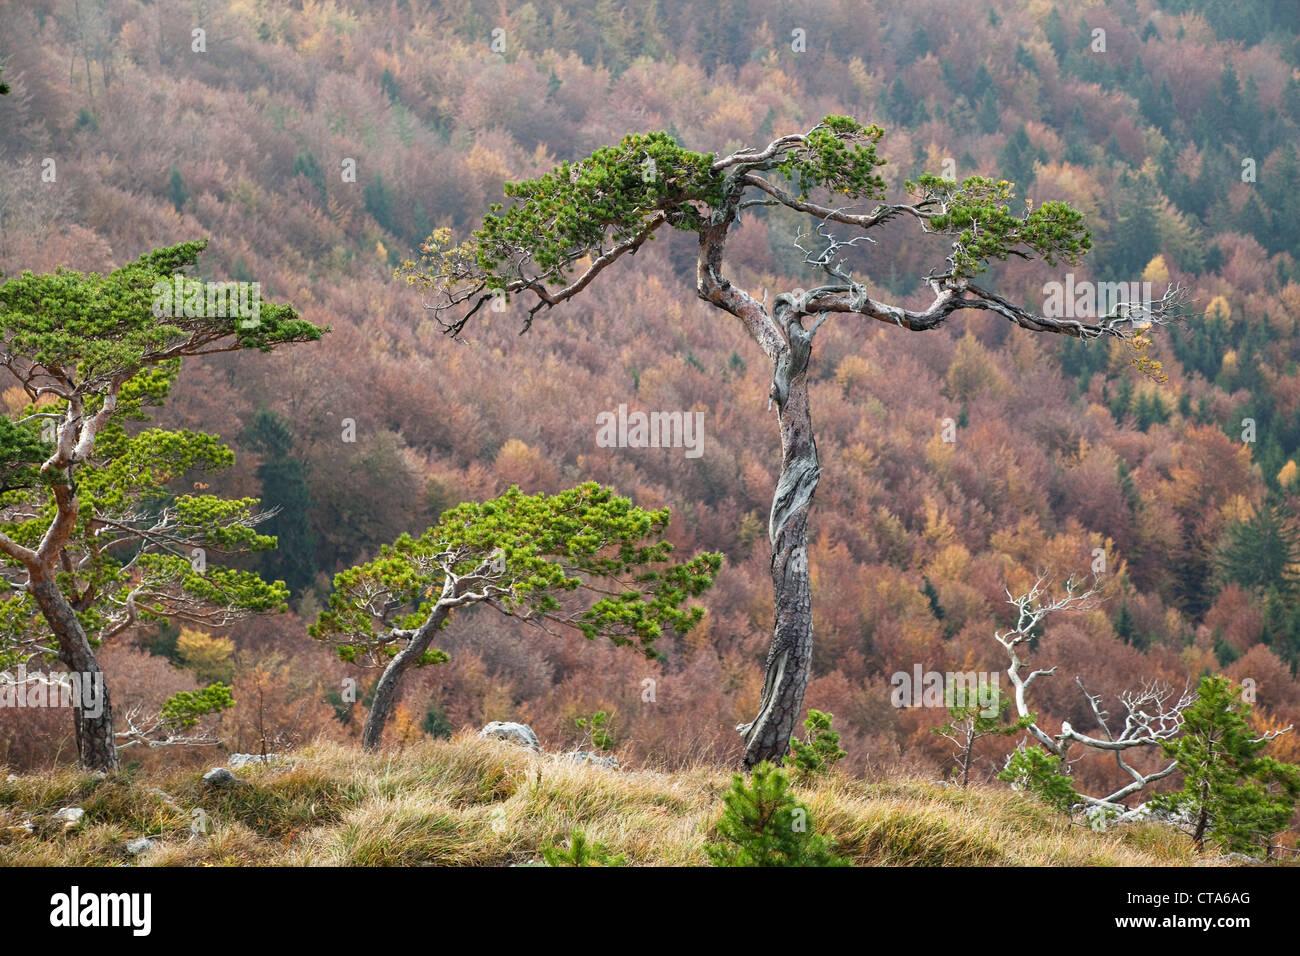 Kiefern (Pinus Sylvestris) im Herbst, Oberbayern, Deutschland Stockbild